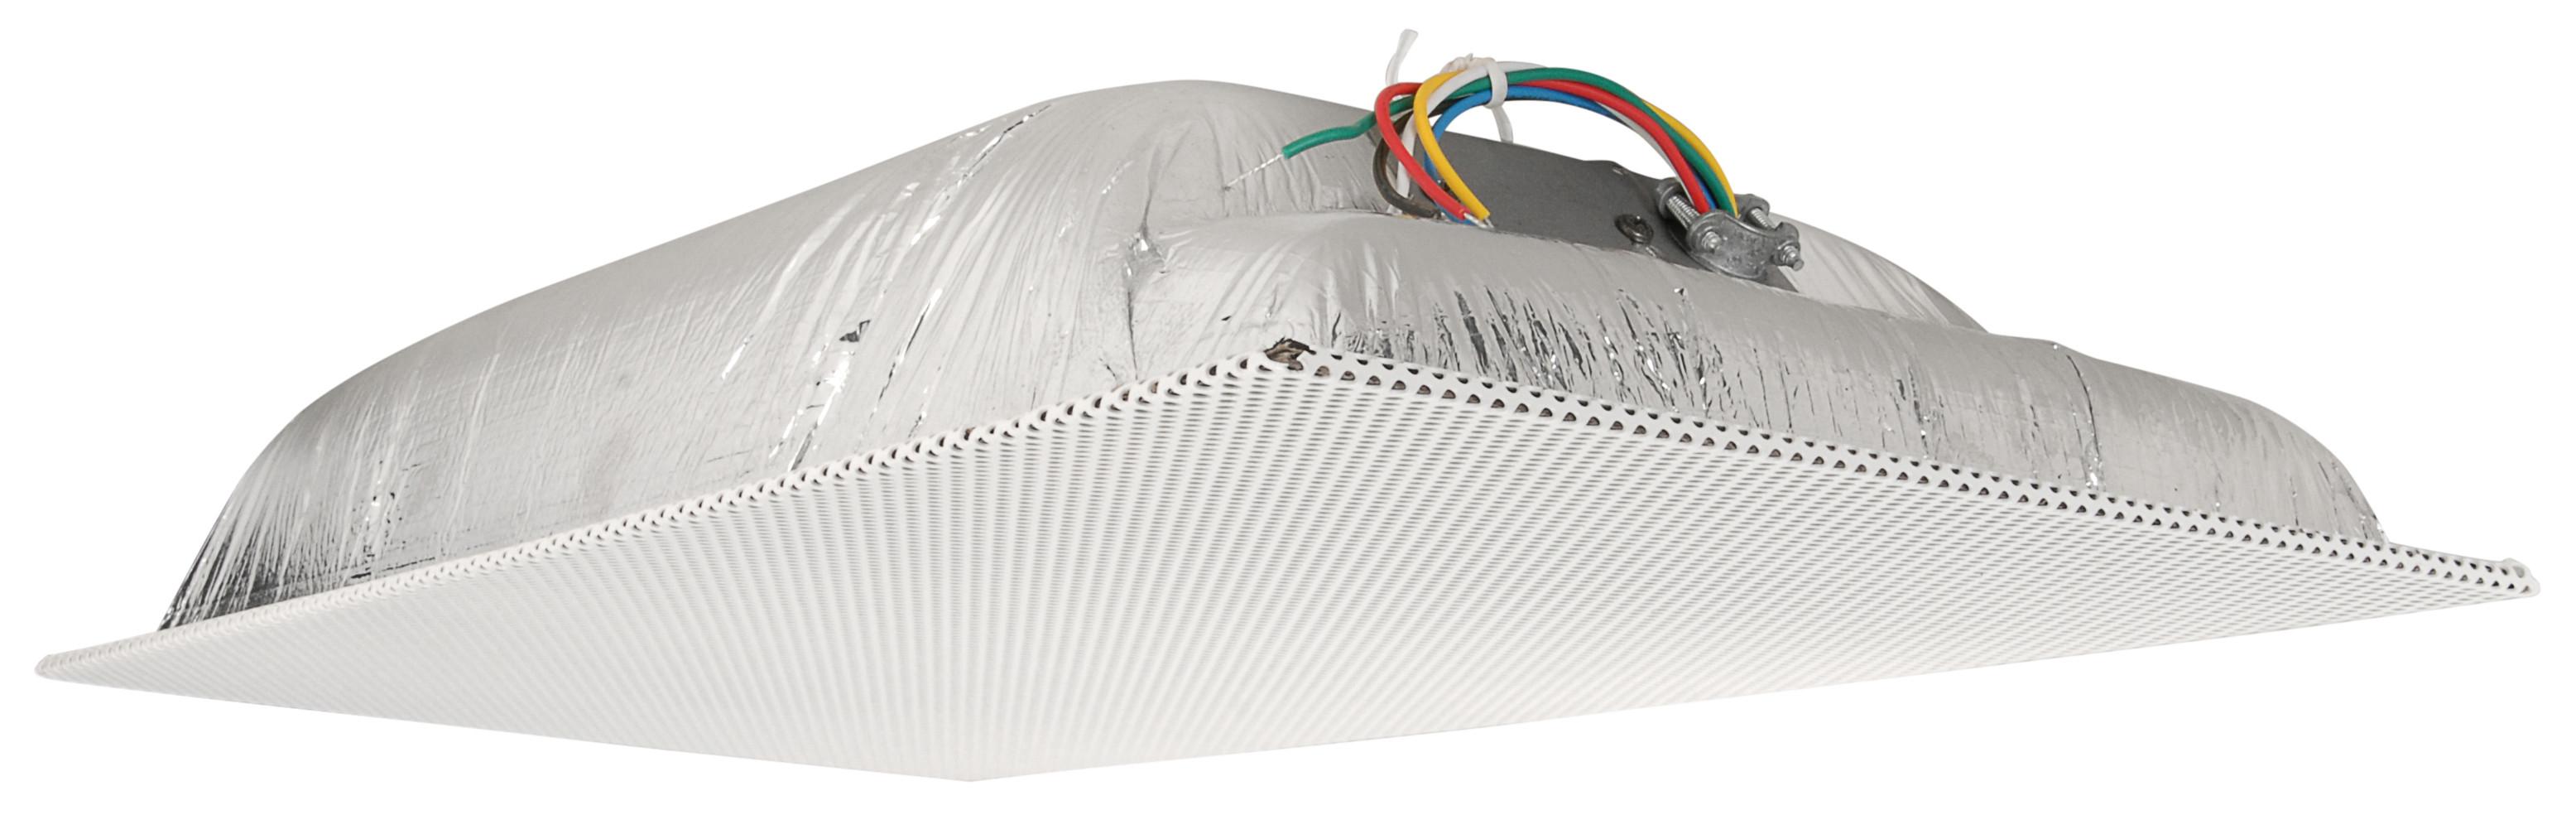 Quam Ceiling Tile Speaker 1' x 2' 70V (Standard Perf White)